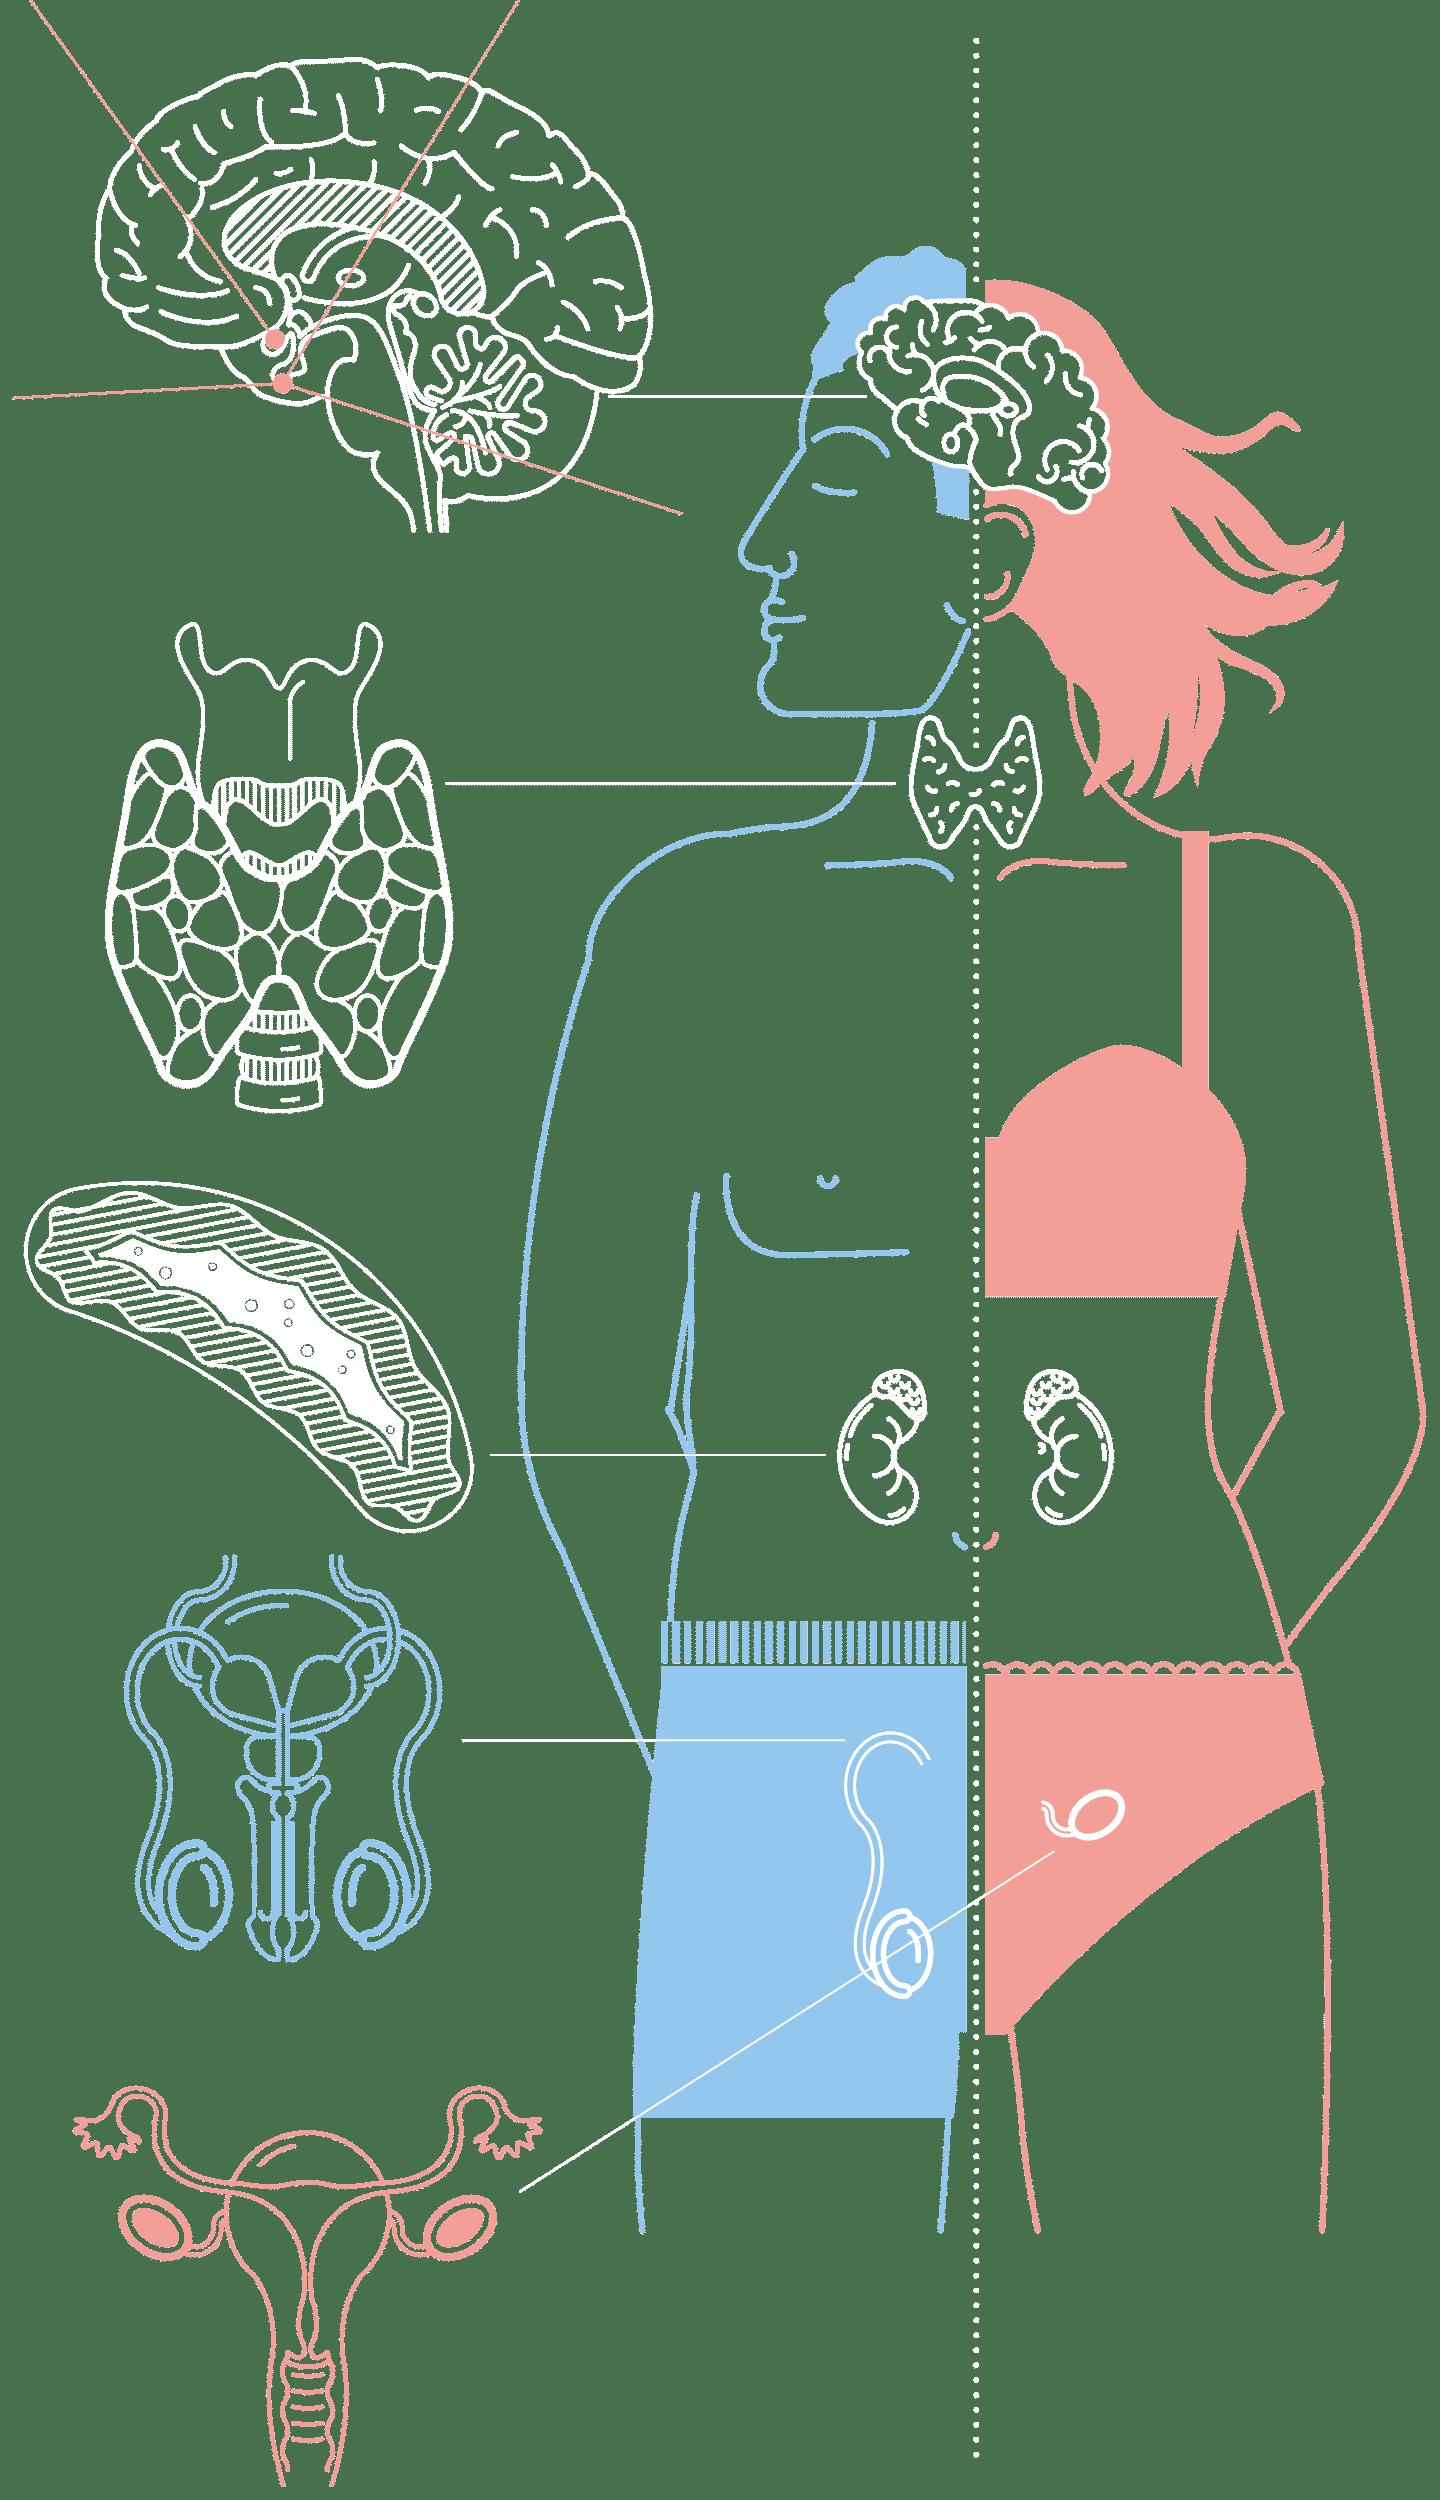 Illustration des menschlichen Körpers